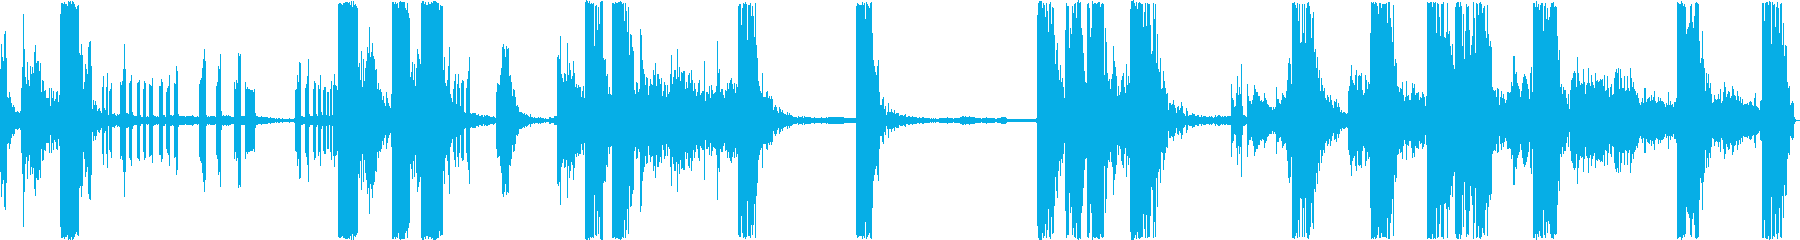 レーザーショットサブランブルブリッ...の再生済みの波形